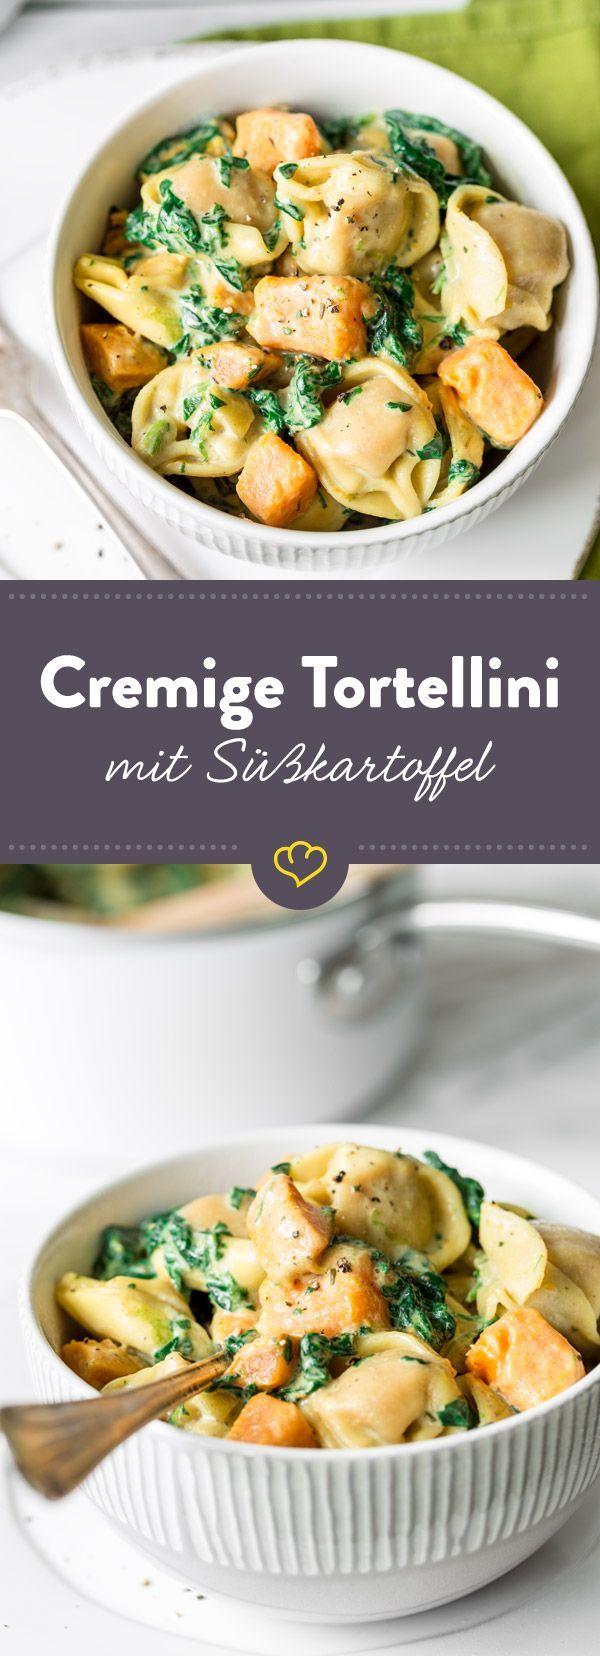 Koch deine Tortellini gleich in der Sauce mit Sahne, Süßkartoffel und Spinat. Das macht sie besonders lecker und du musst nur einen einzigen Topf spülen.